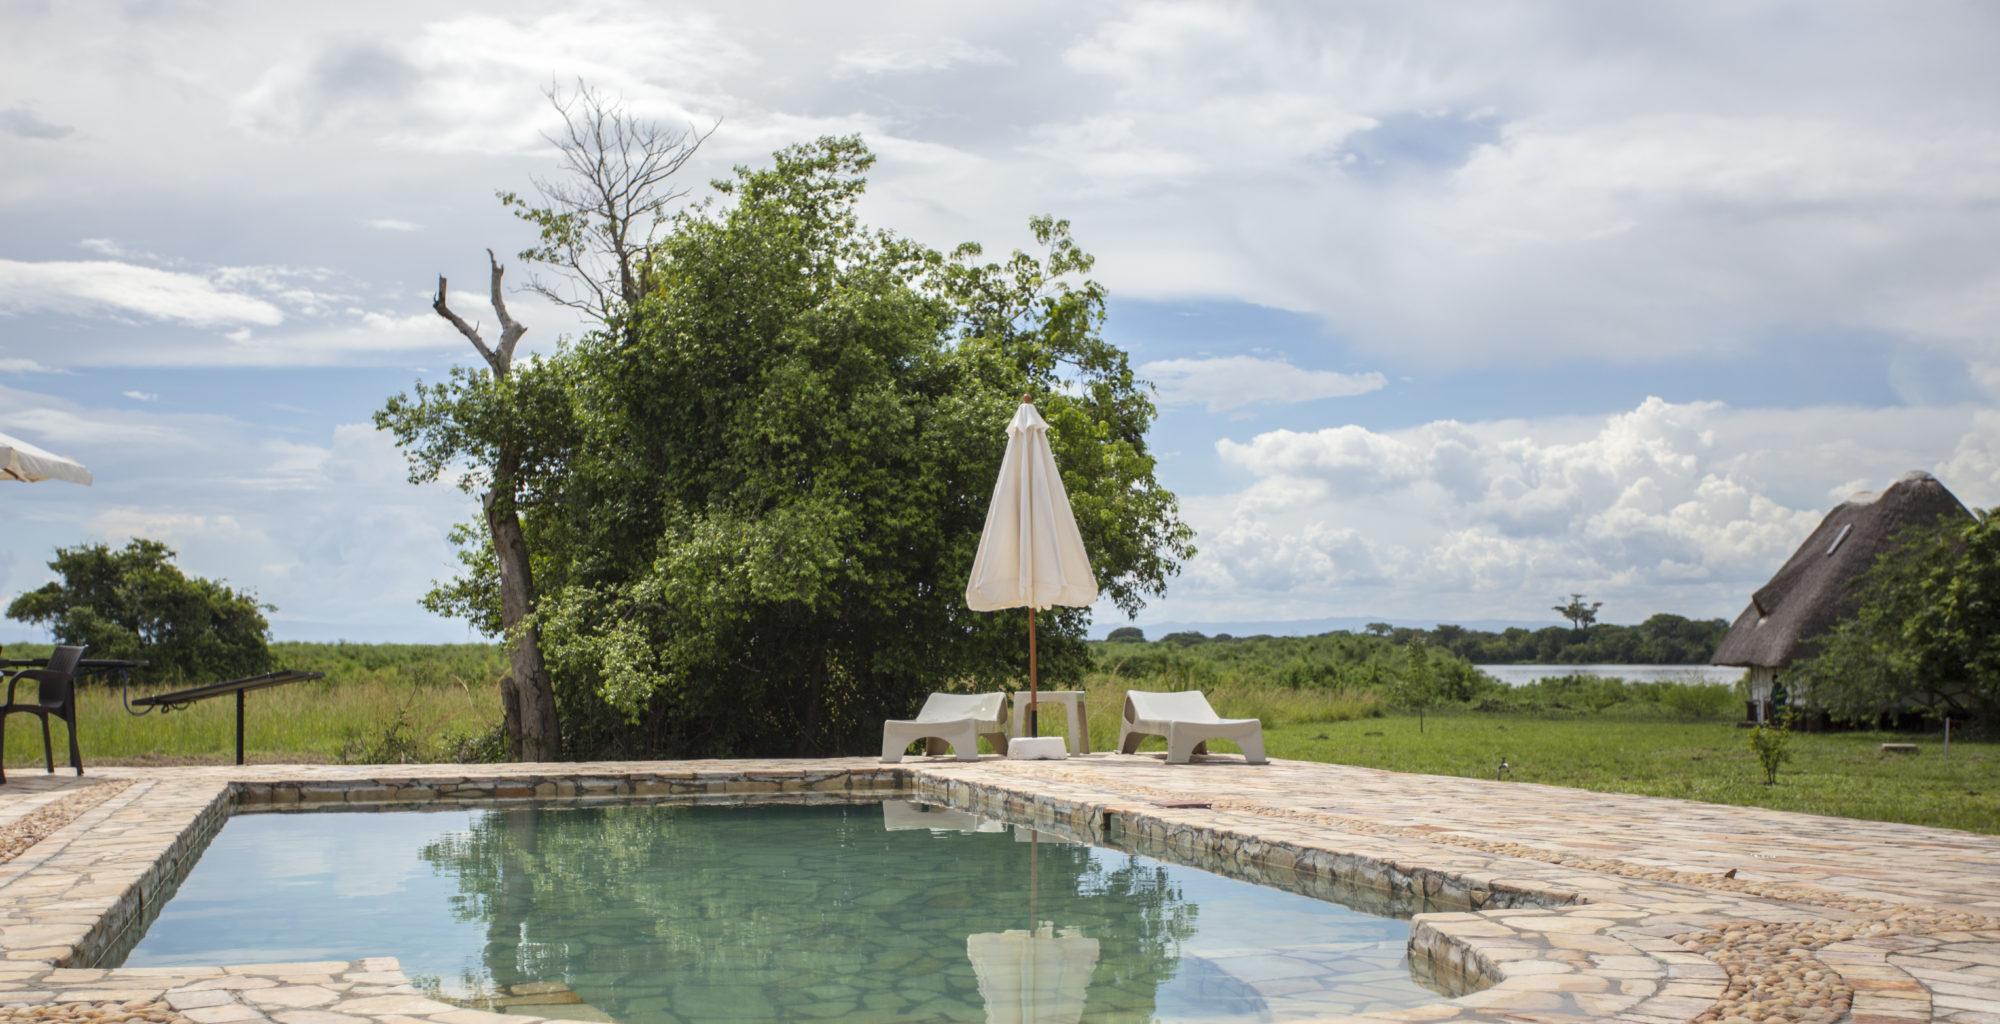 Bakers lodge Uganda Pool